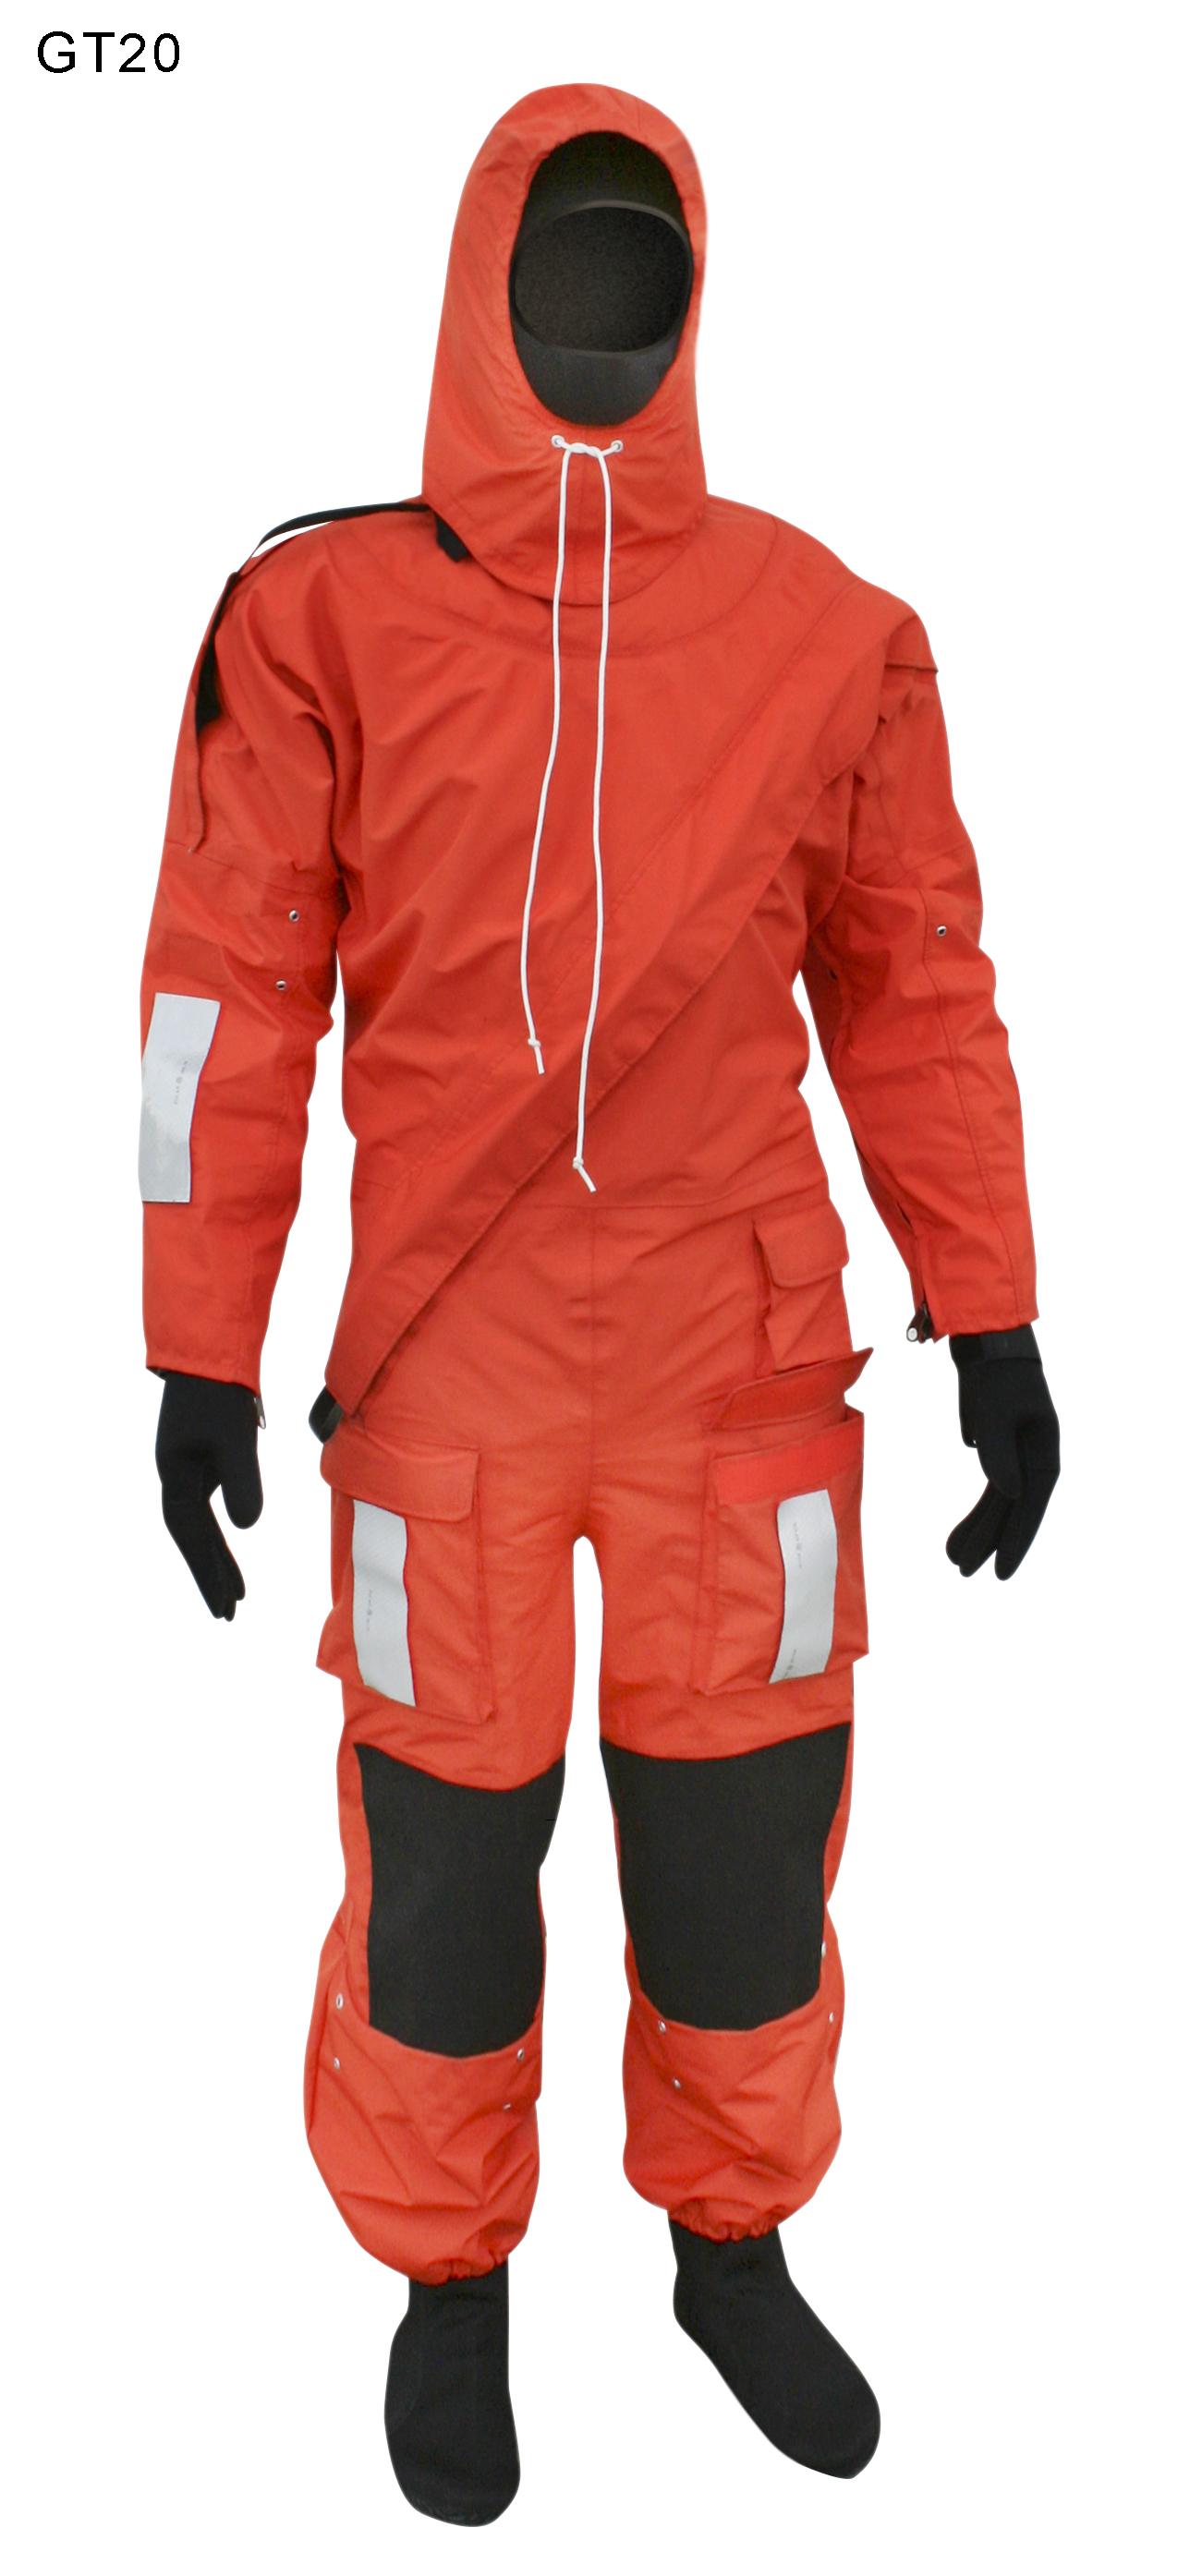 Schutzanzug und Rettungsanzug  mit  Waerme Futter SOLAS   Modell GT20